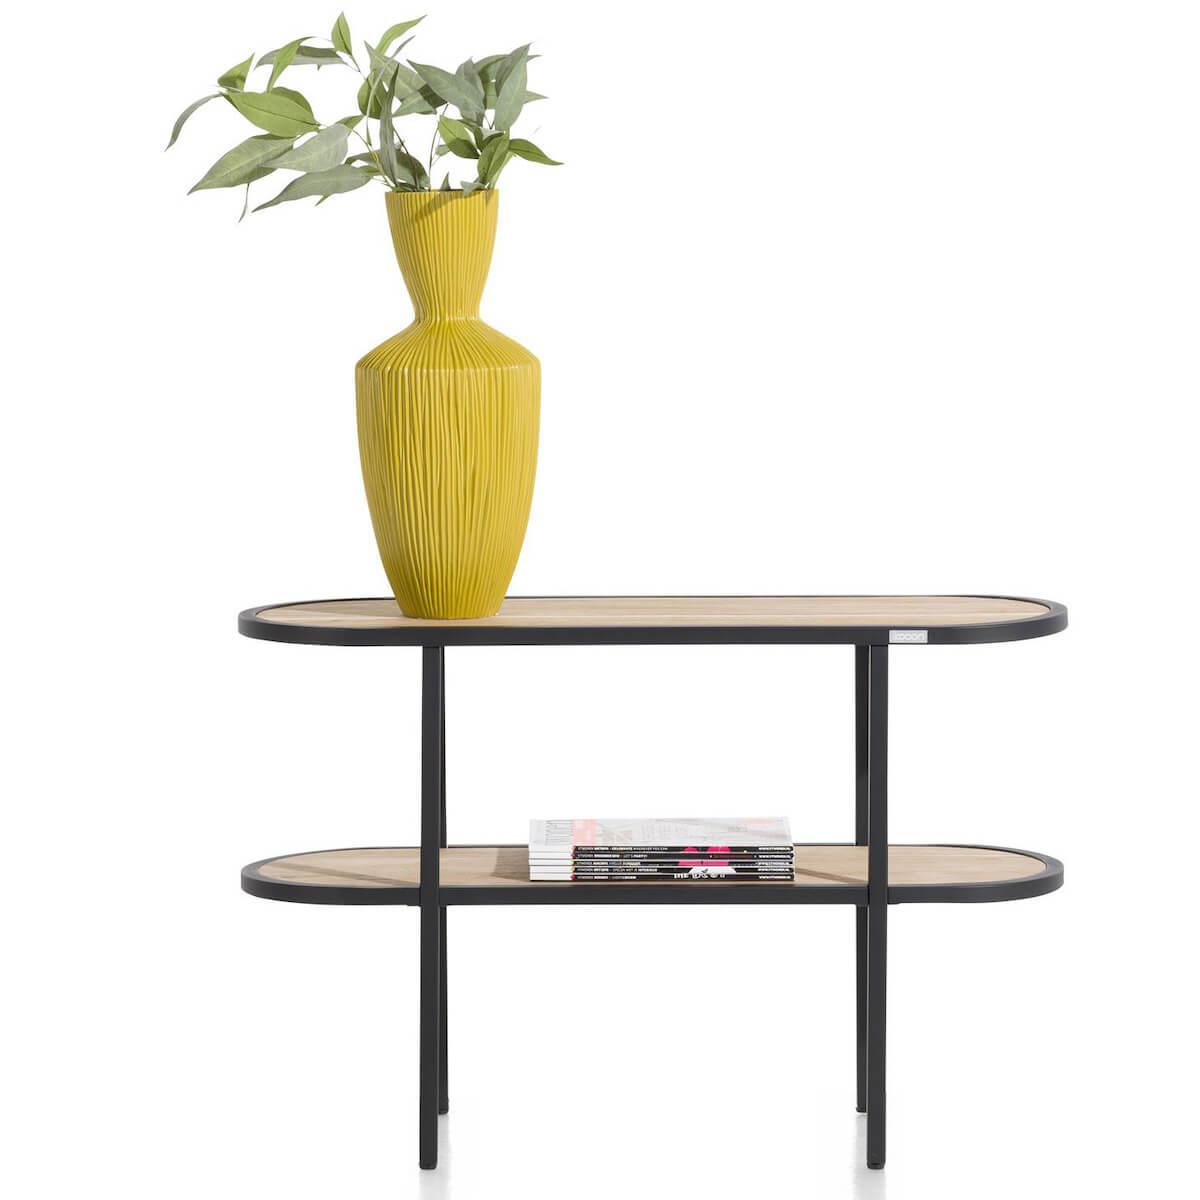 Table d'appoint ovale 90cm KINNA Xooon